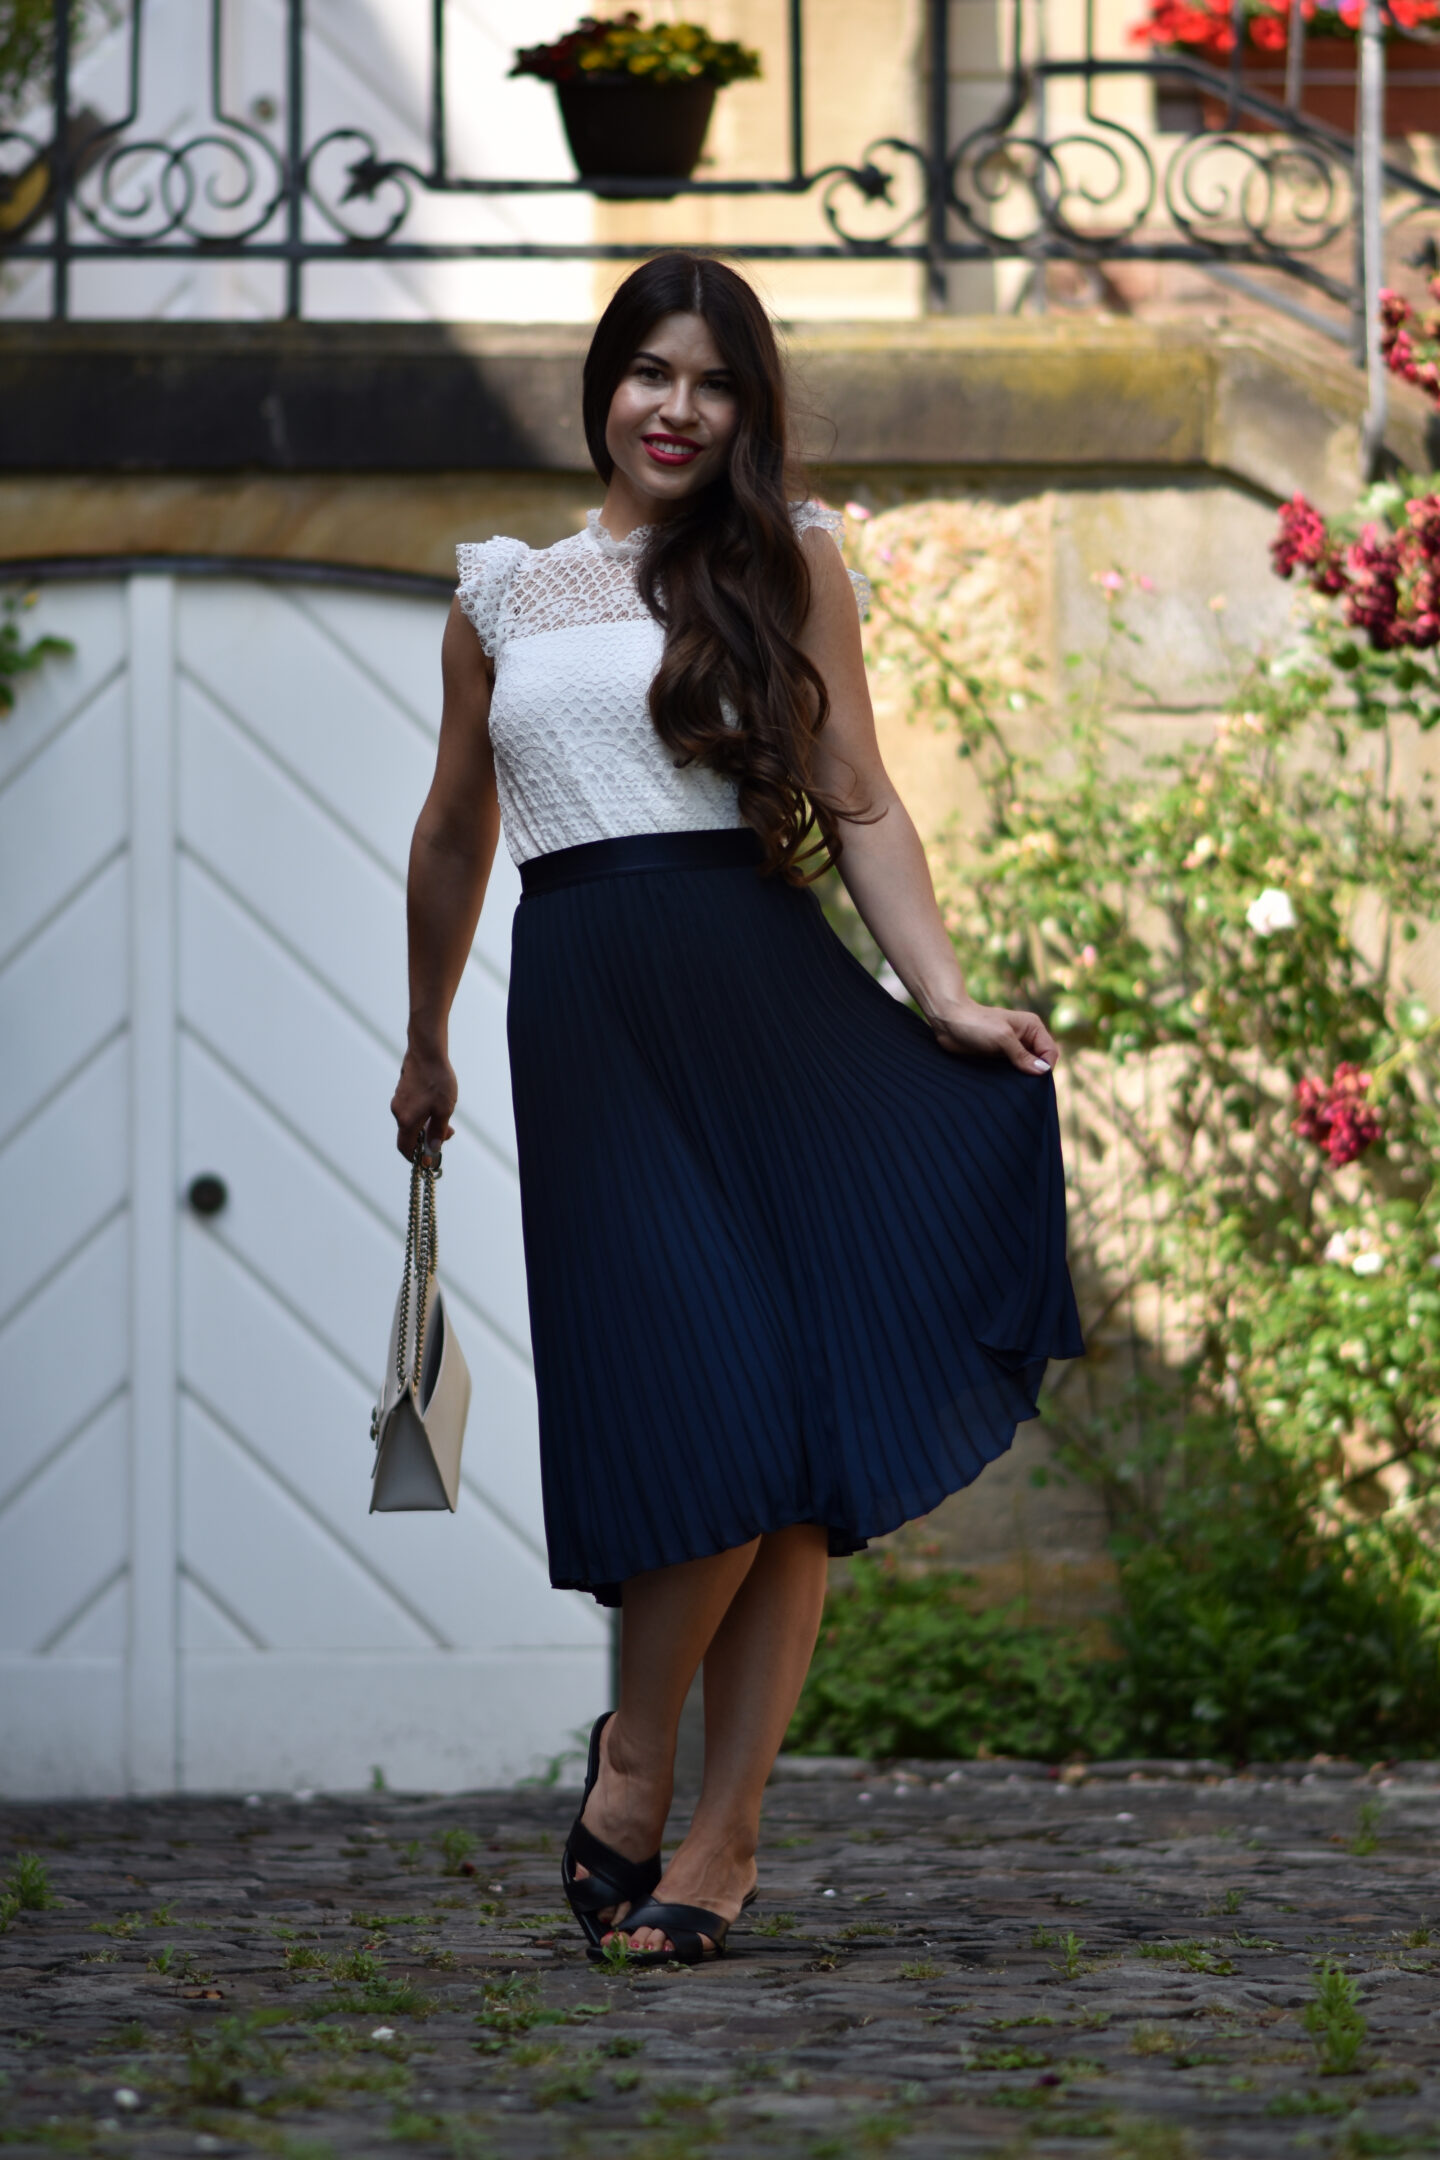 Elegant-femininer Look mit Plisseerock, Spitzentop & Sandalen